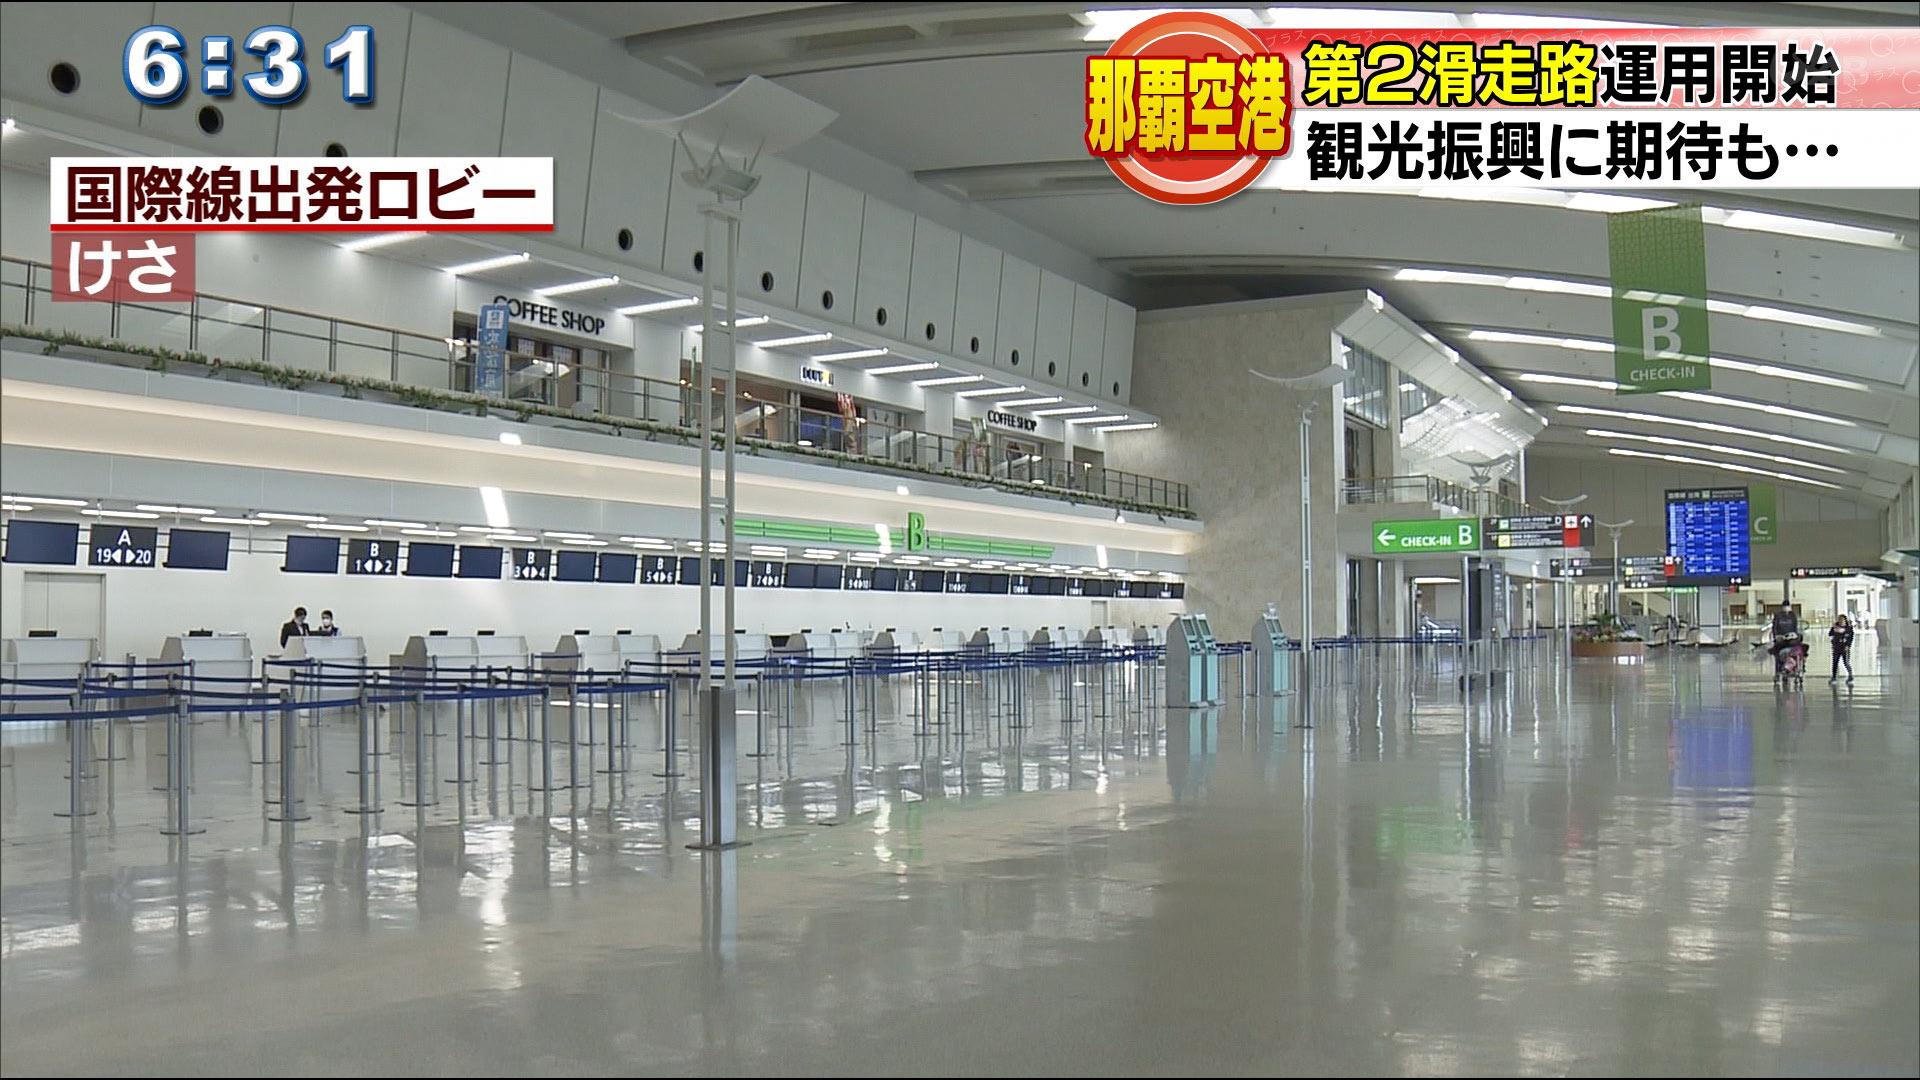 那覇空港 第2滑走路運用開始 観光振興に期待も